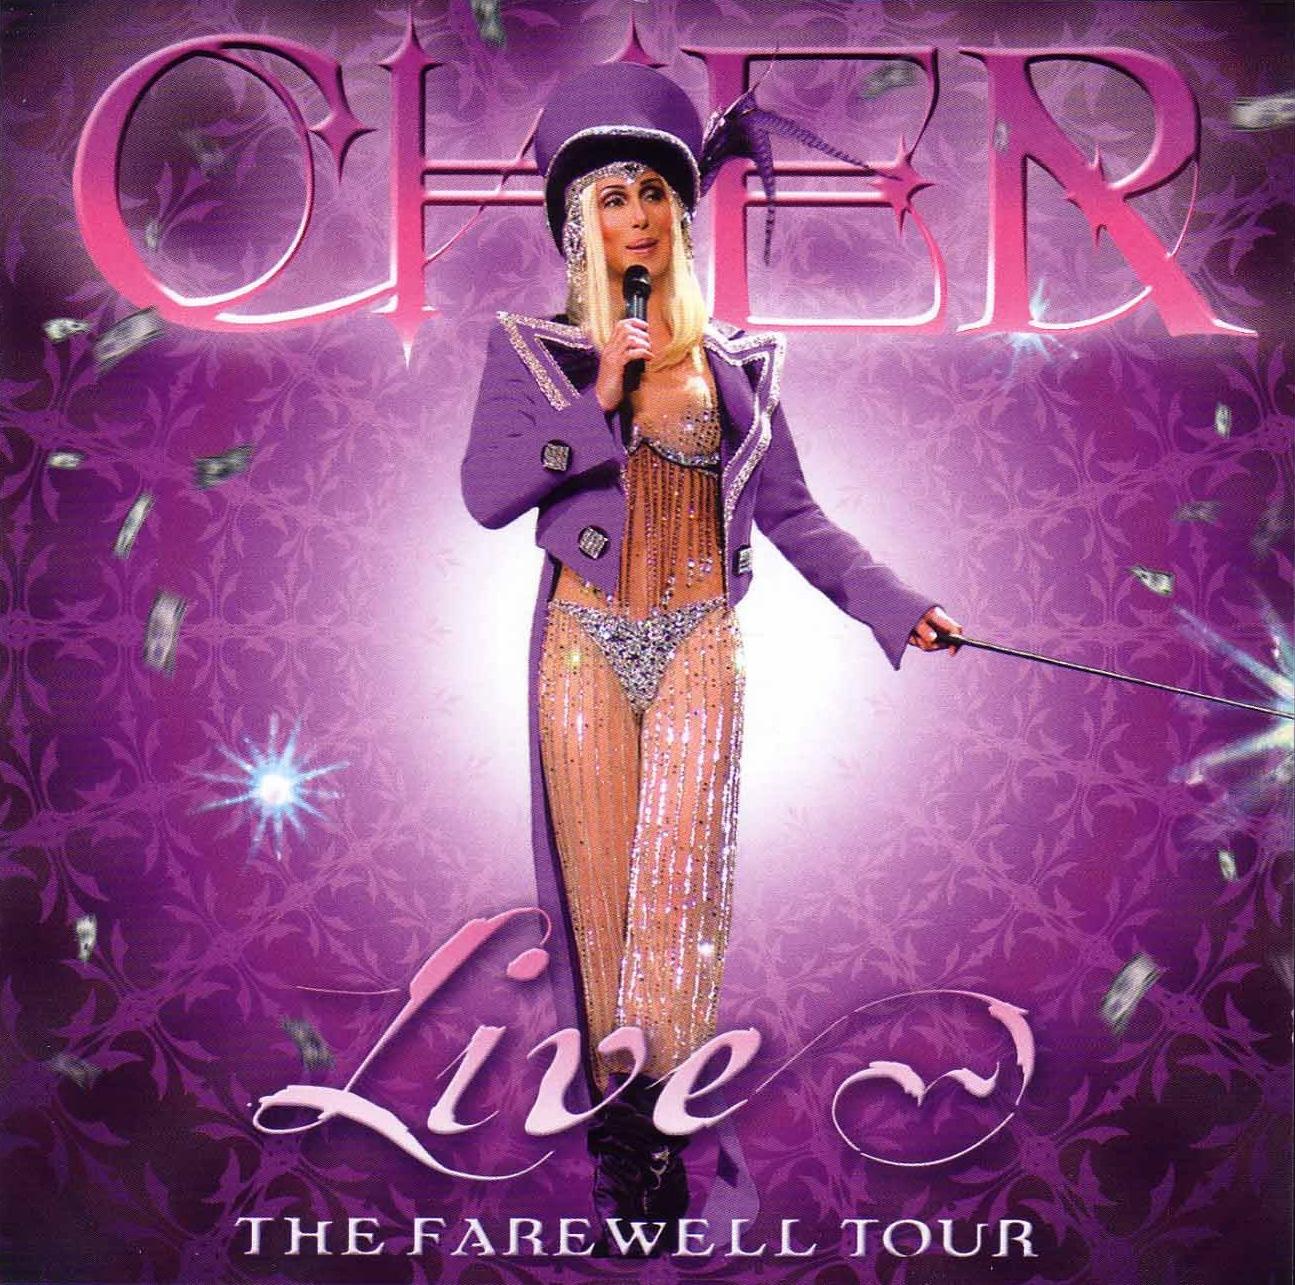 http://2.bp.blogspot.com/-UxJRhvNvUwA/T1OCilSSjLI/AAAAAAAABjs/5NnBdydiHeA/s1600/cher+-+live+%5Bthe+farewell+tour%5D.jpg